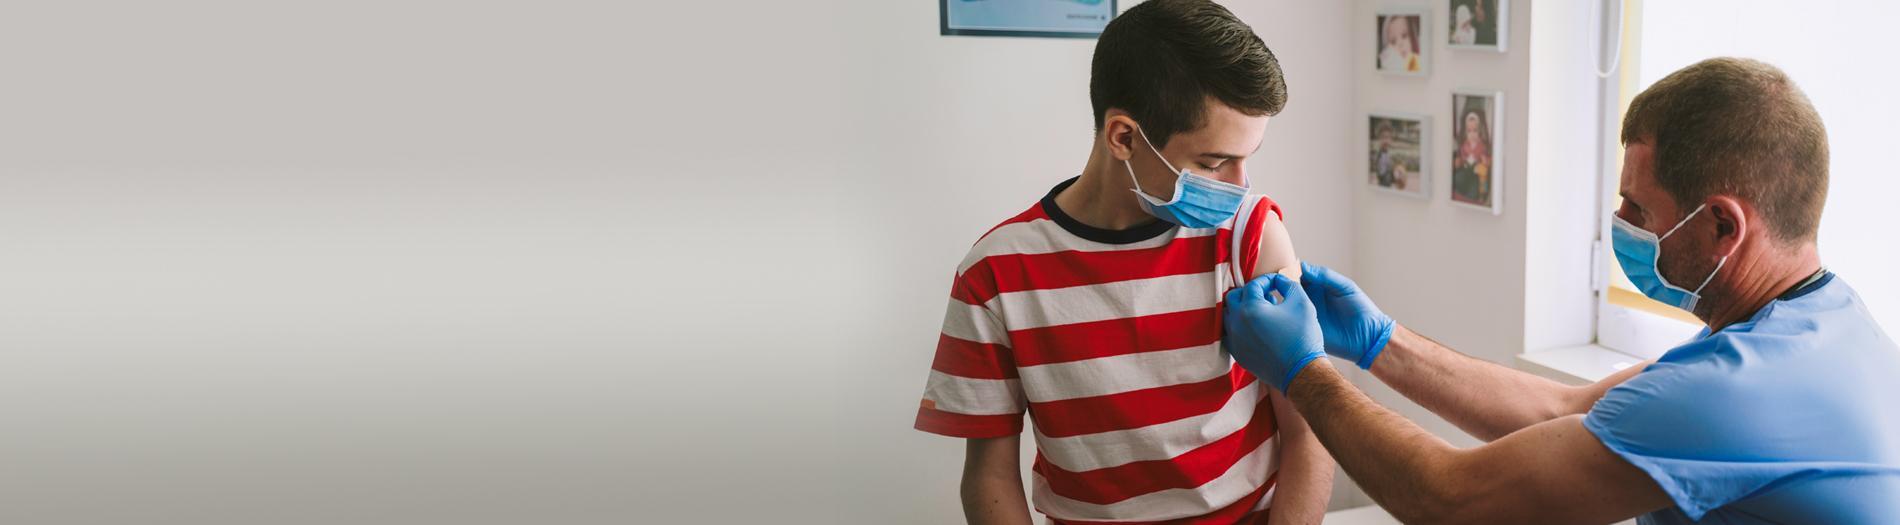 CHLA-Homepage-Vaccine-Banner-Desktop-01.jpg